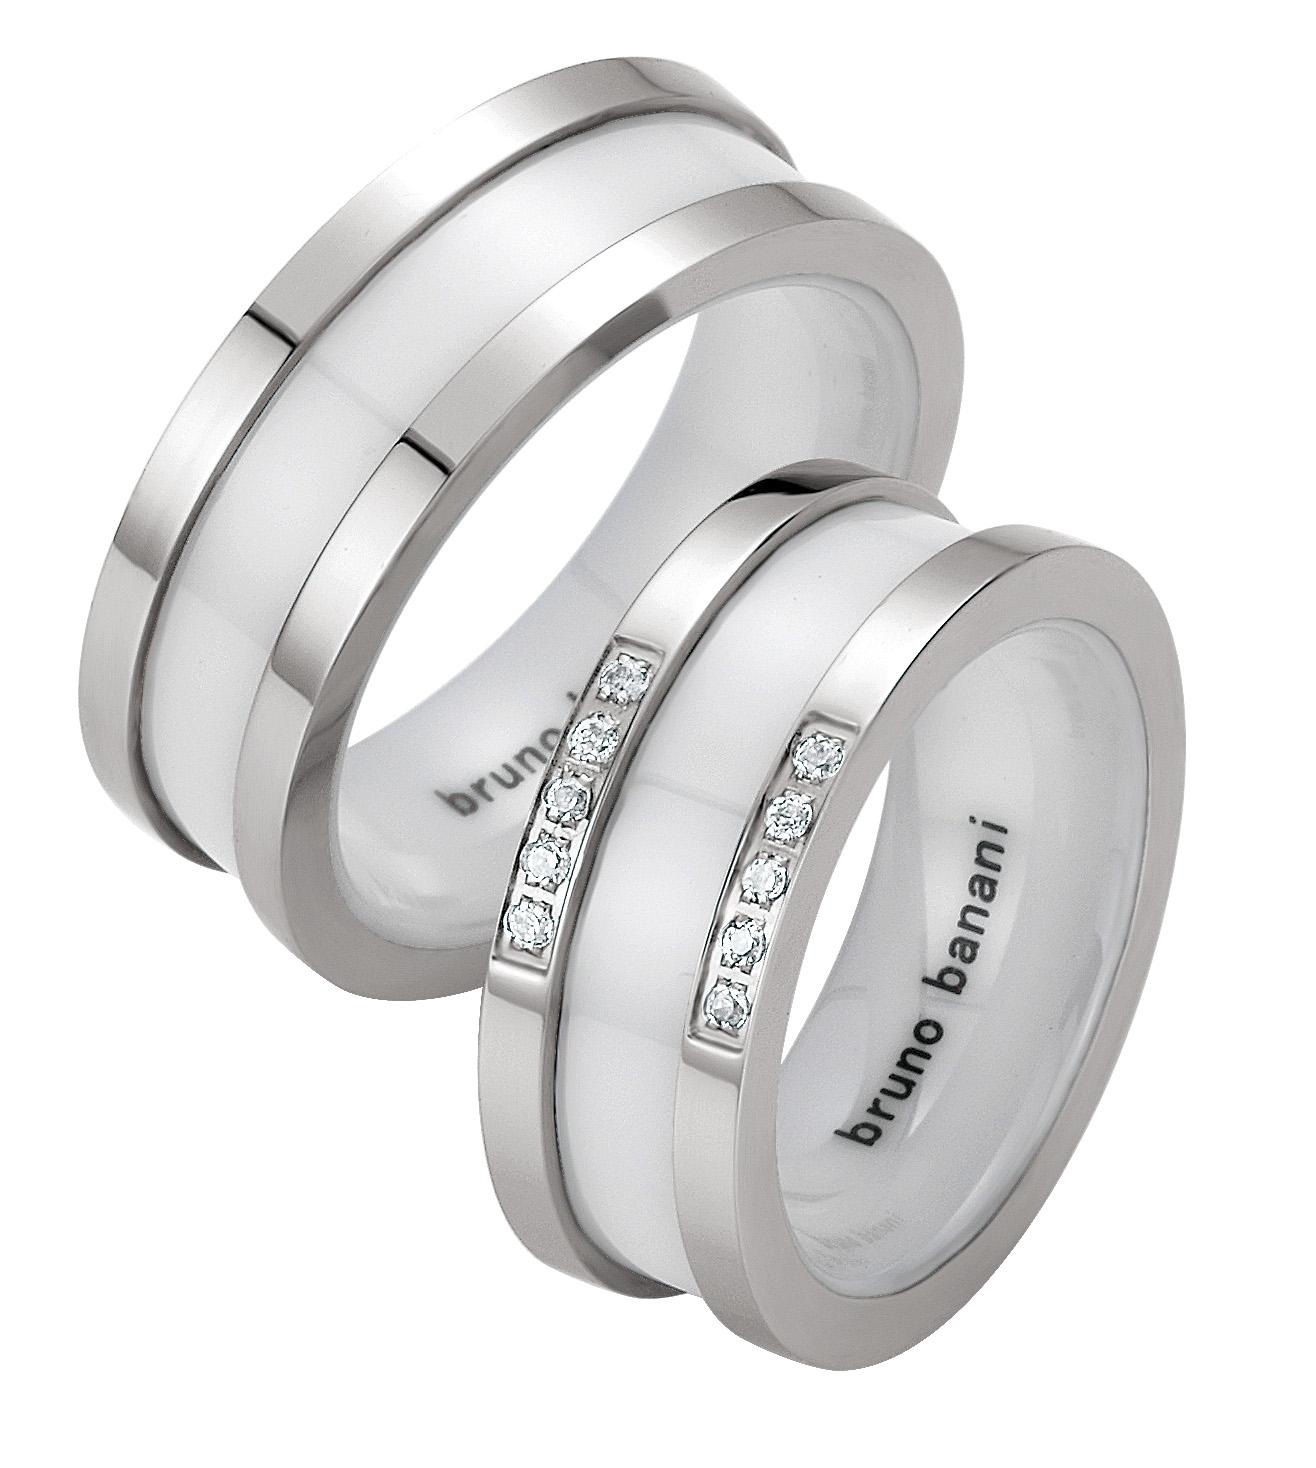 Bruno Banani Ceramic Ringe 44.84172 42.84172